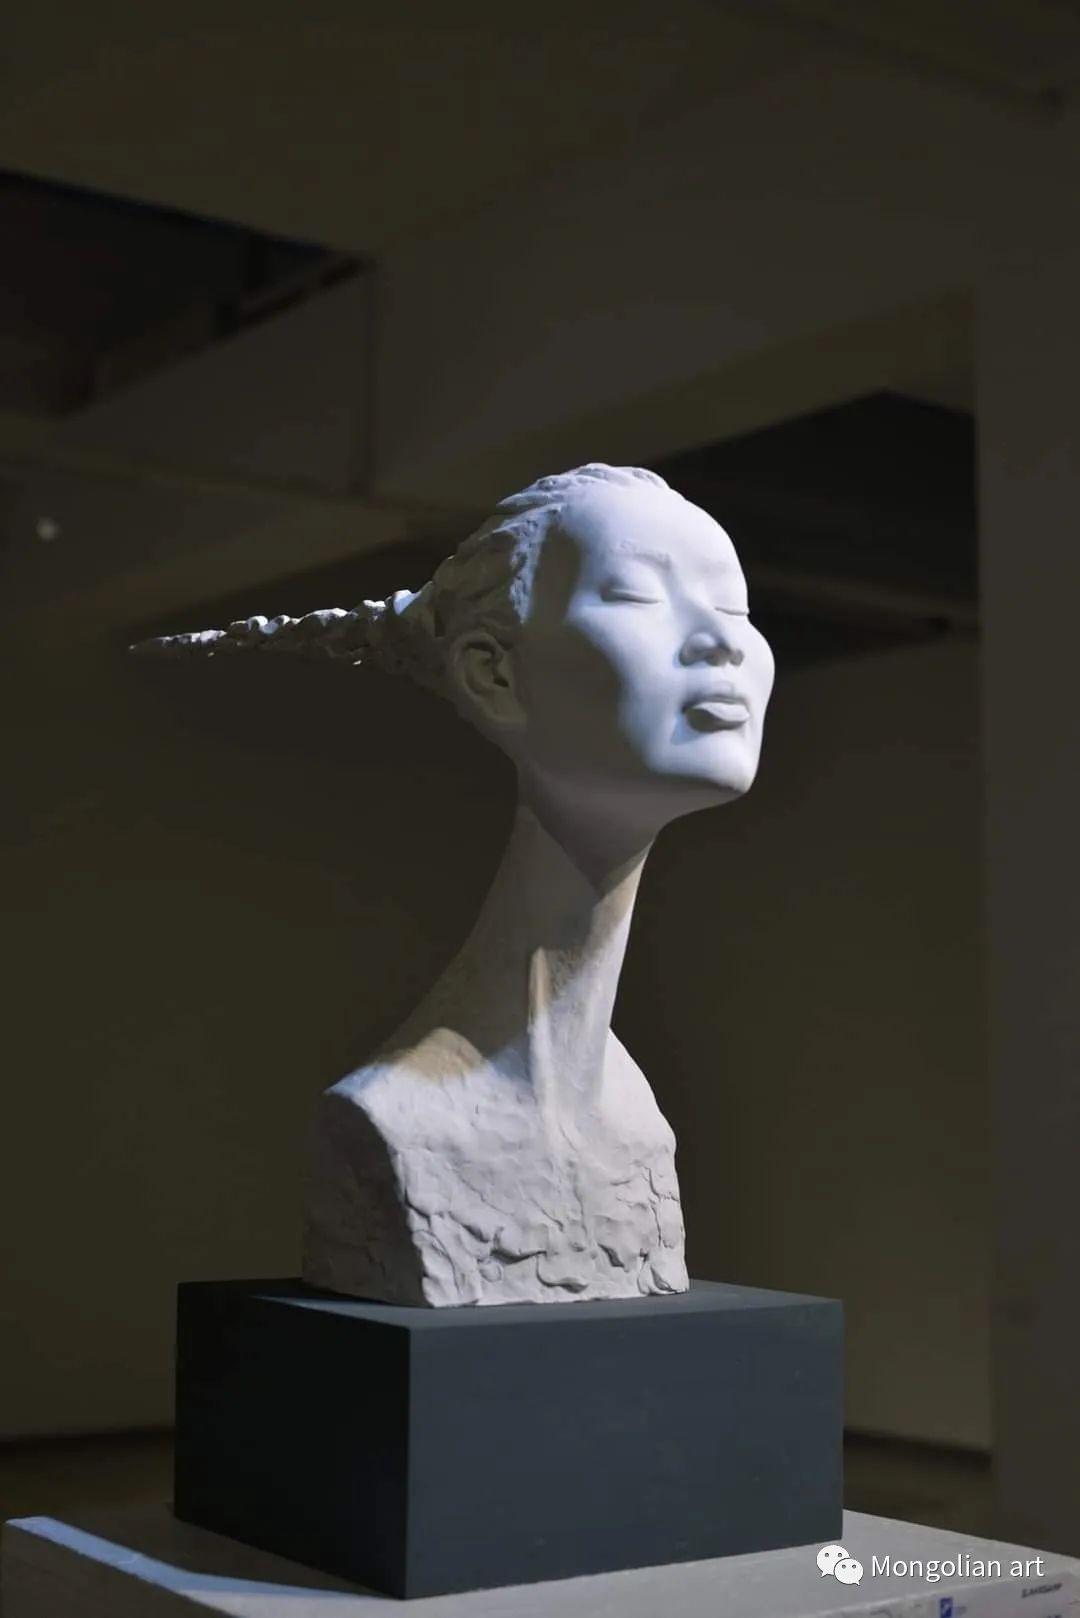 蒙古国美术家协会会员雕塑家 Davaadorj Ankhbayar 第7张 蒙古国美术家协会会员雕塑家 Davaadorj Ankhbayar 蒙古画廊